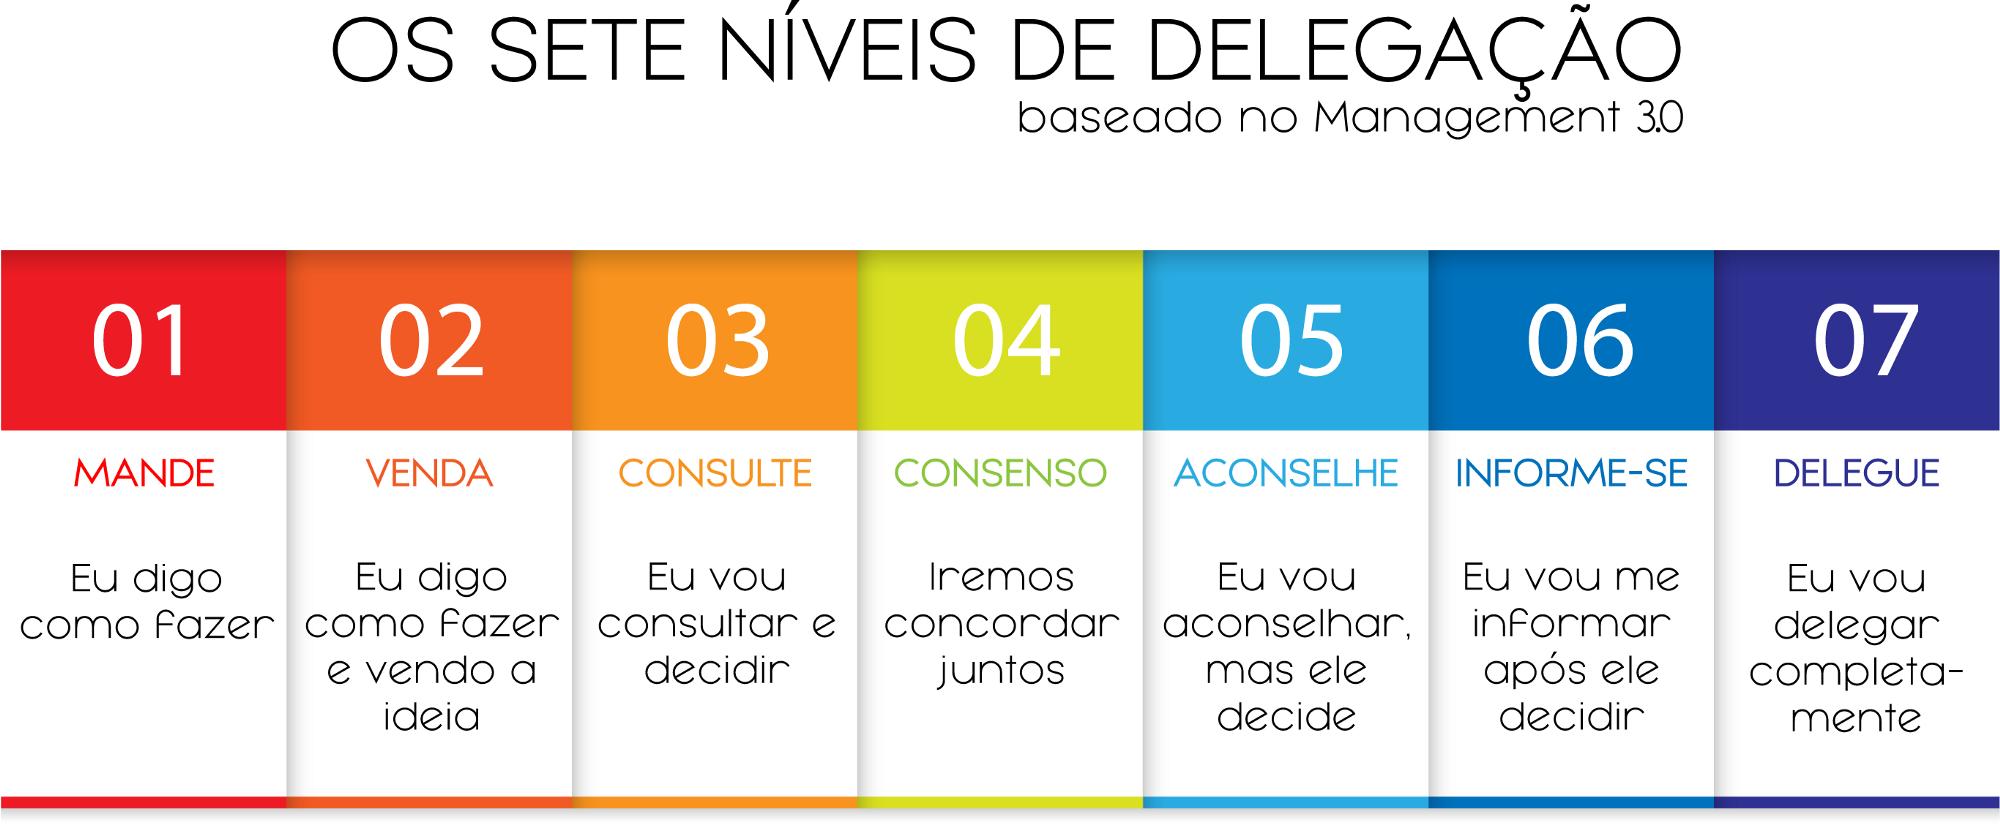 Conheça os Sete Níveis de Delegação do Management 3.0